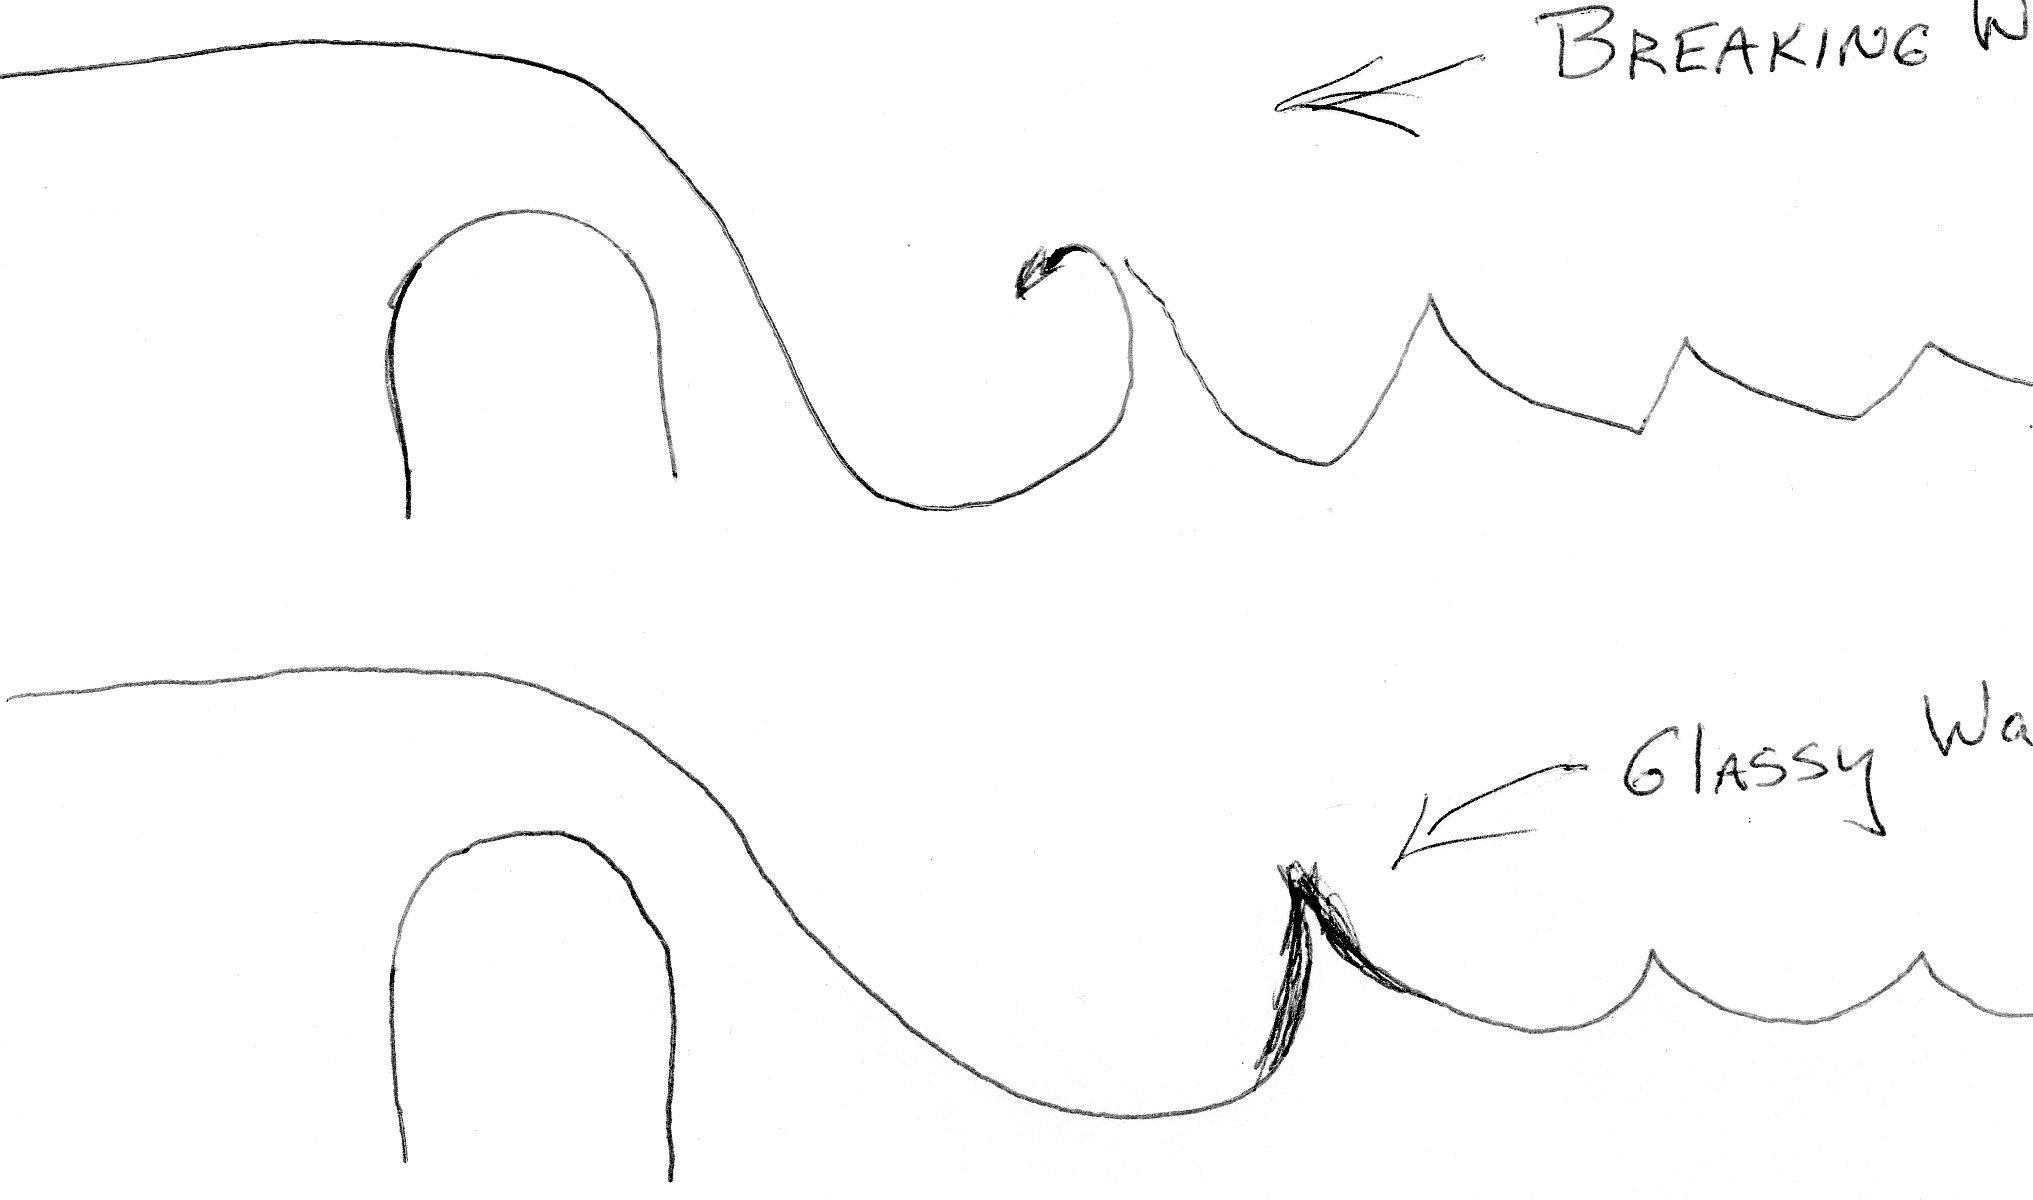 rock diagram b